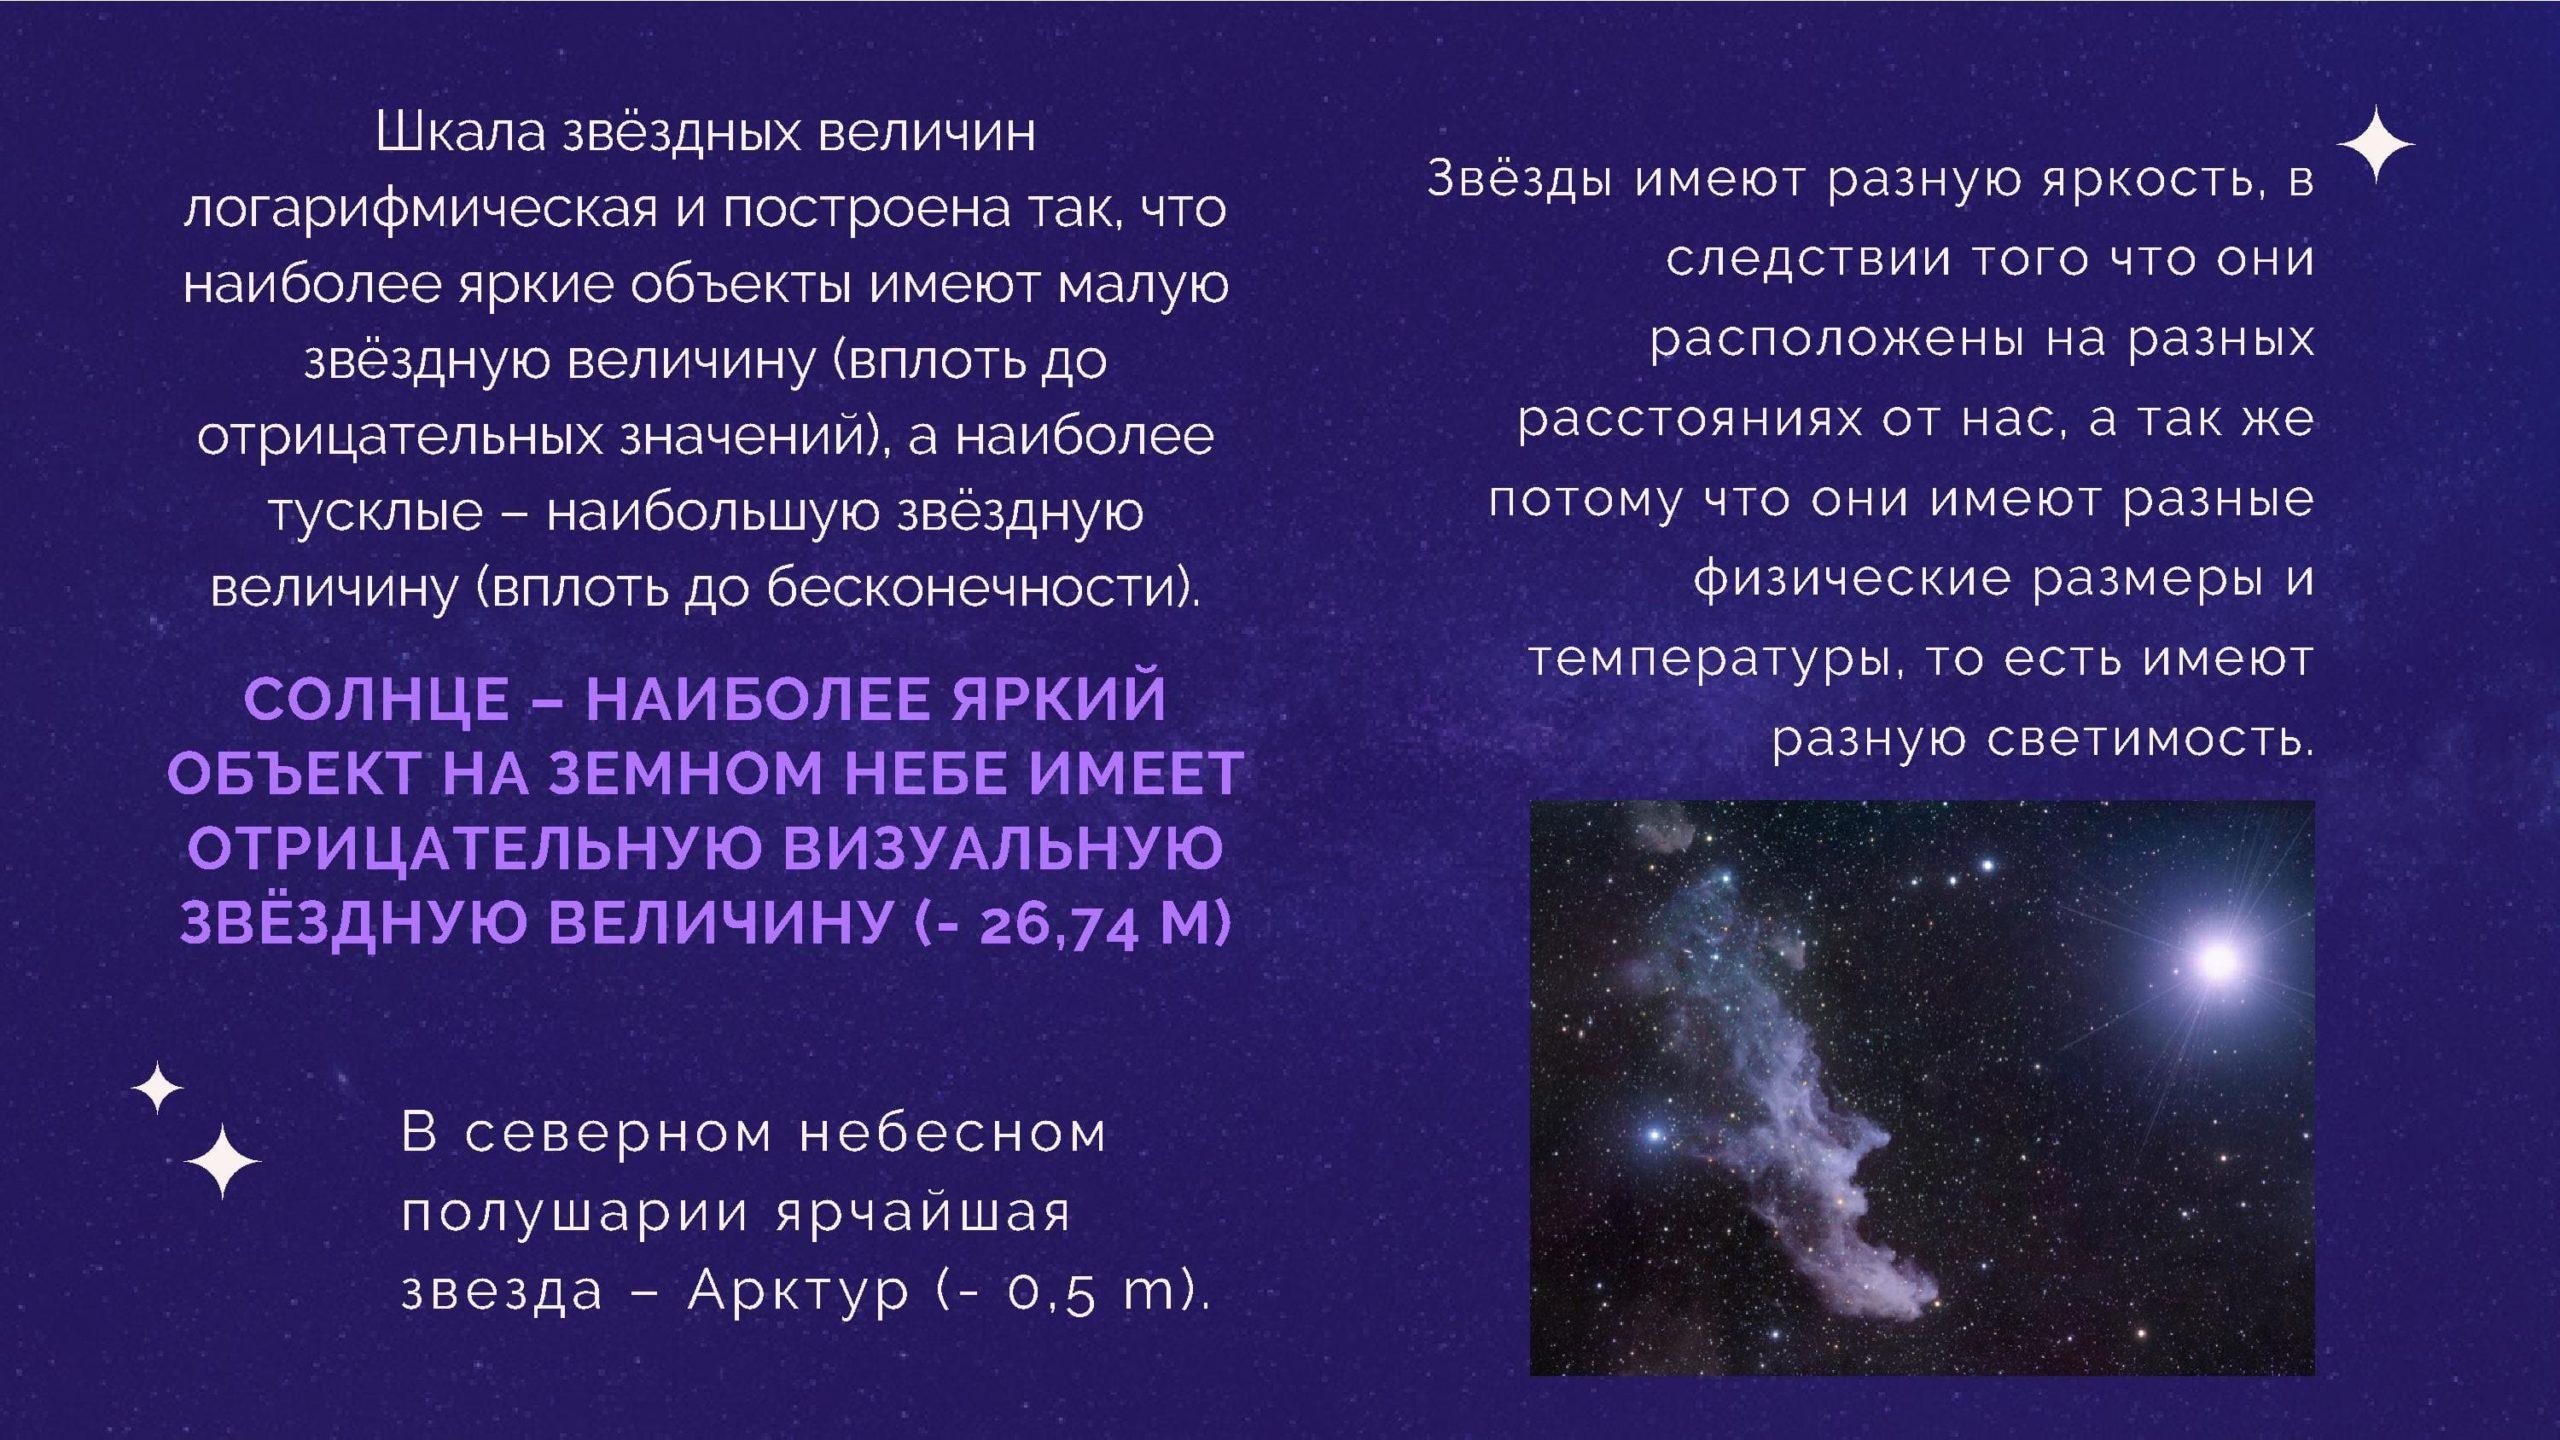 Шкала звездных величин